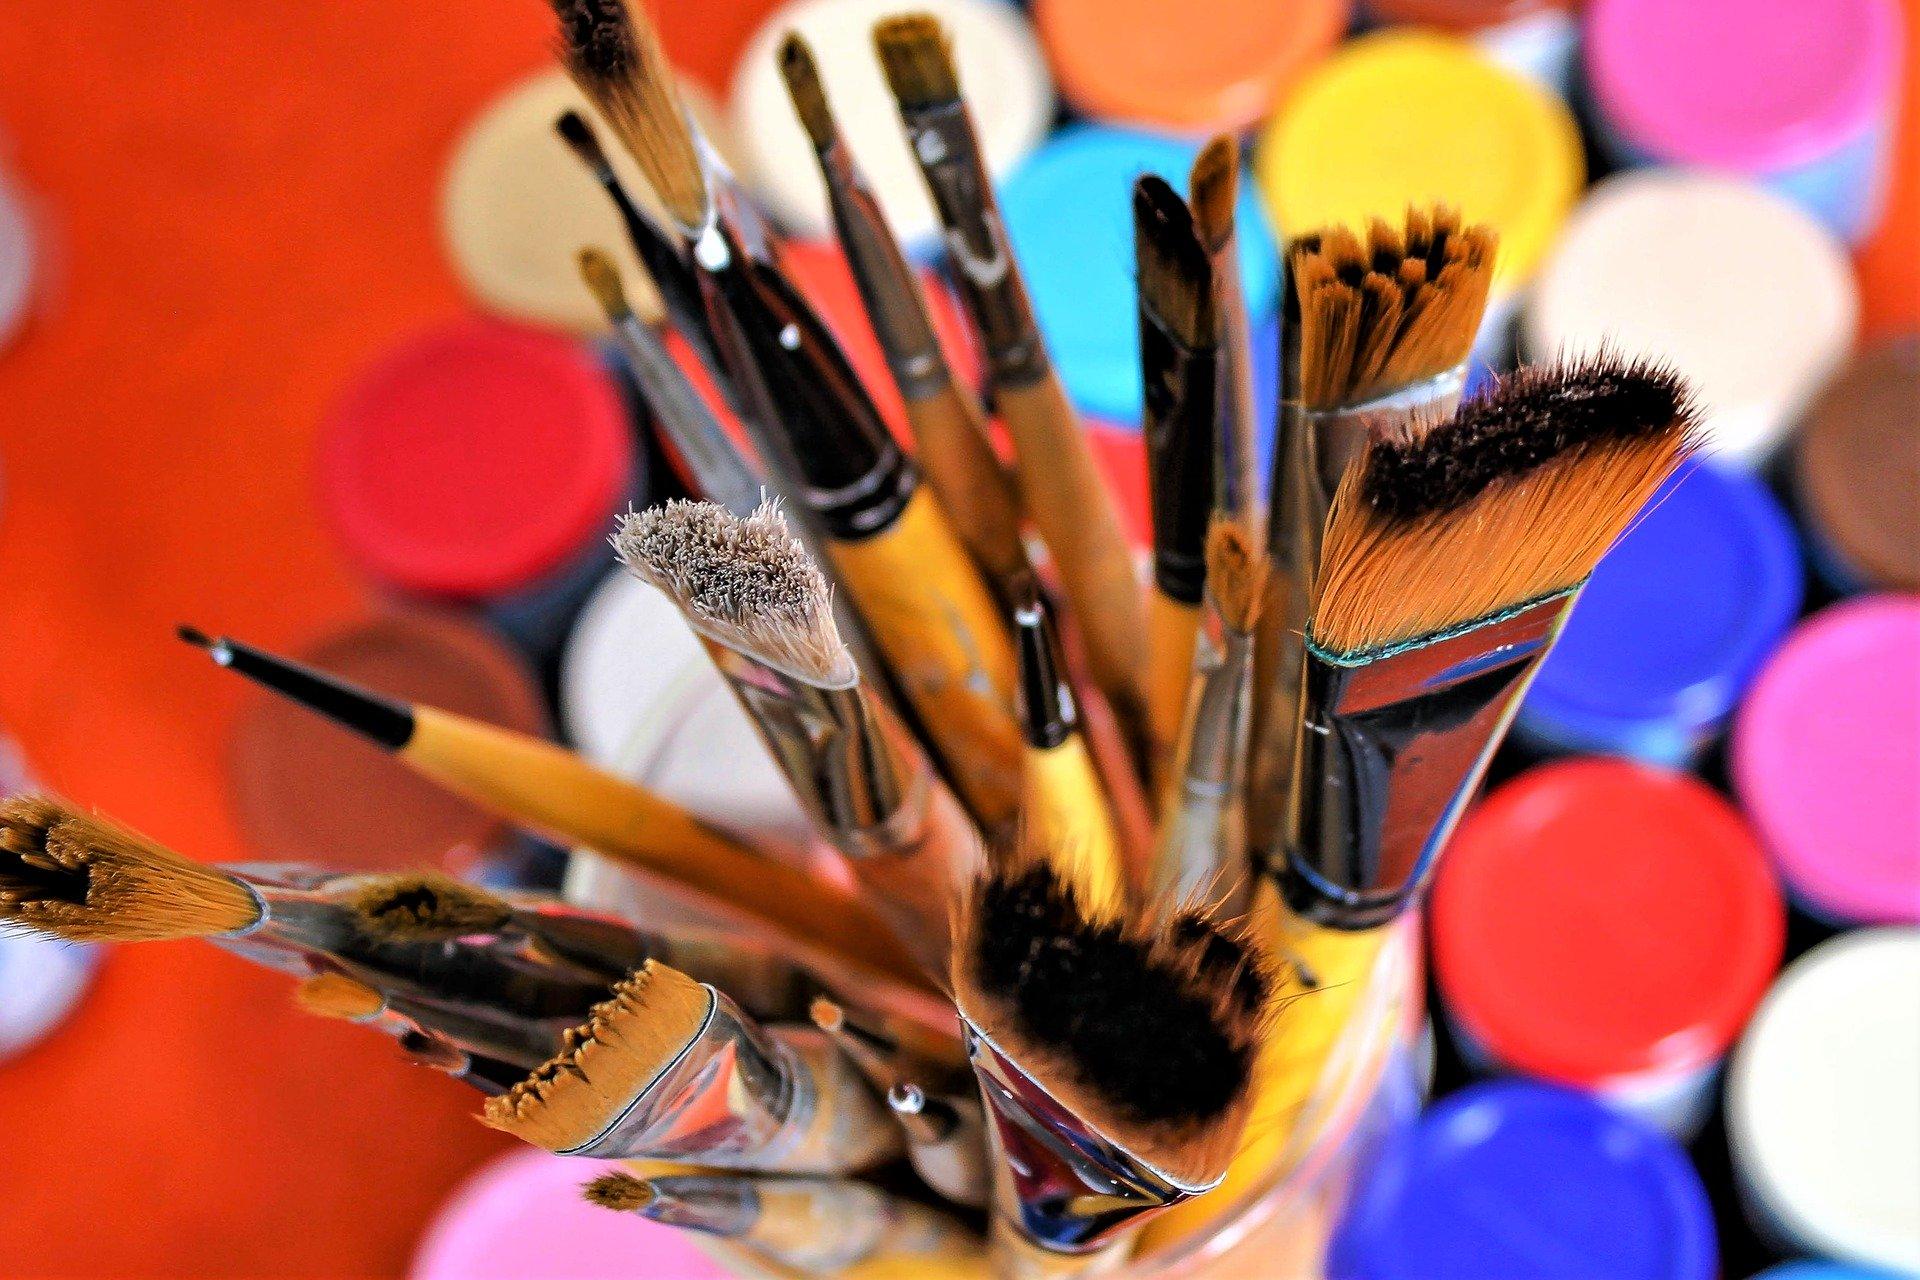 Des idées créatives à faire avec vos enfants, avec de la récup'